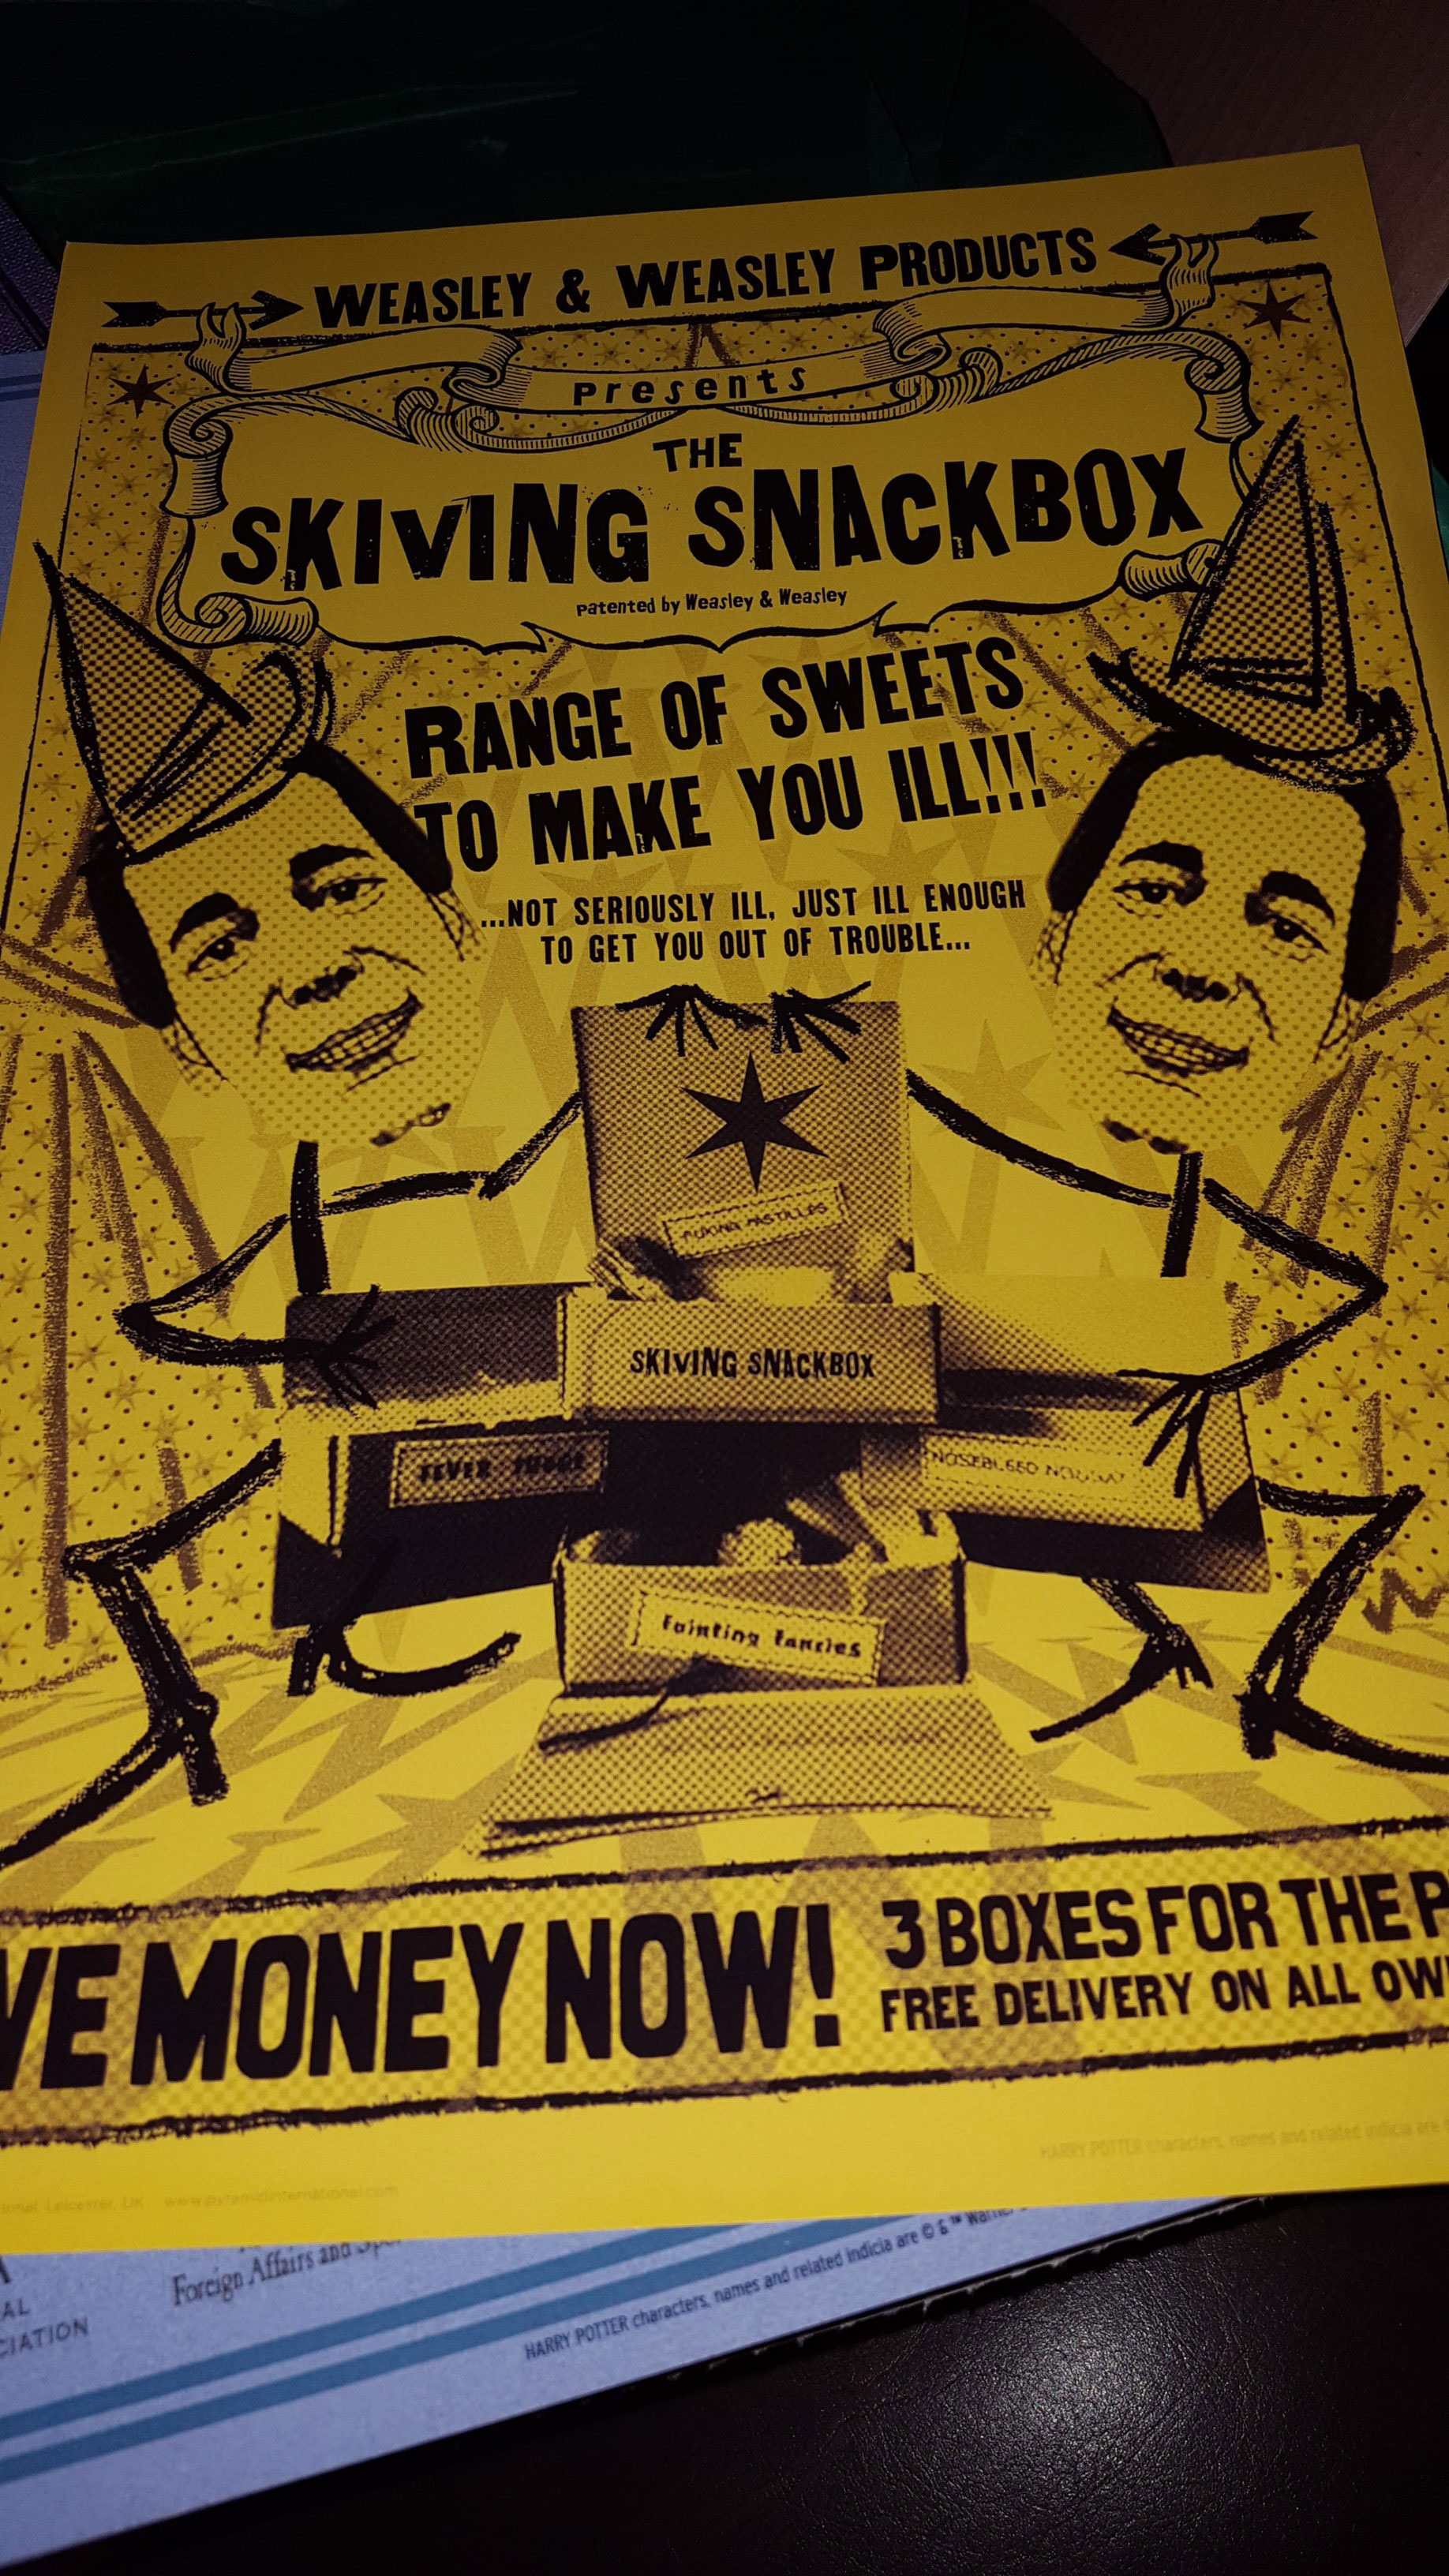 Skiving Snackboxes MinaLima poster art